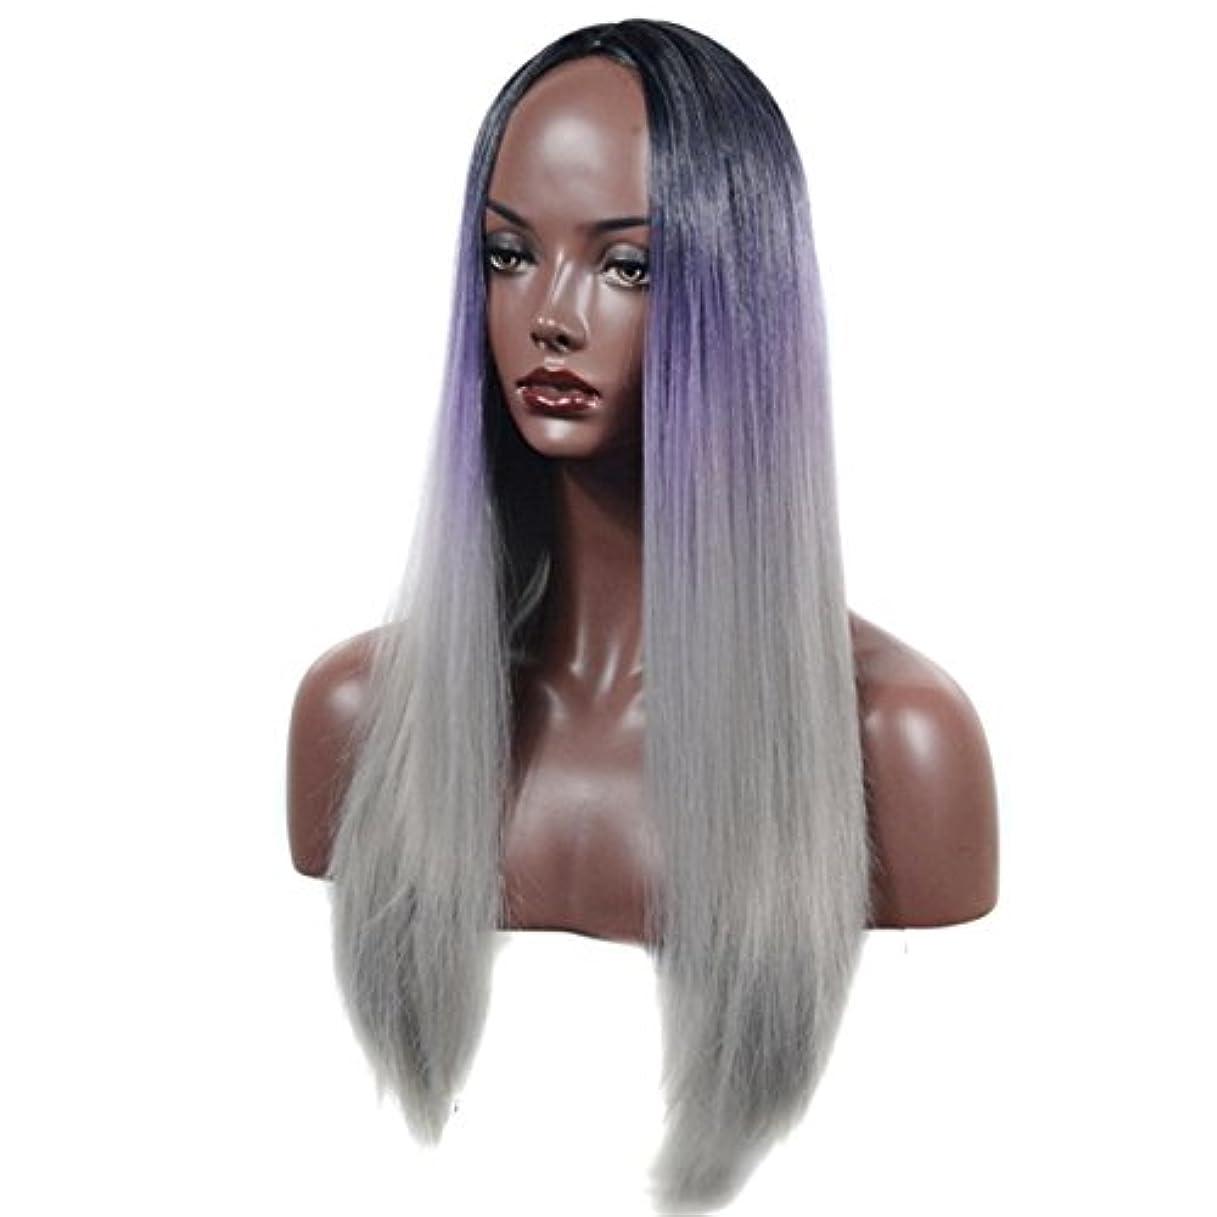 緑本気スカイDoyvanntgo ロングストレートウィッグ60CM - コスプ??レウィッグブラック&パープルグレーコスプレの3色グラデーション女性のためのデイリーパーティーウィッグリアルヘア (Color : Three-color gradient)